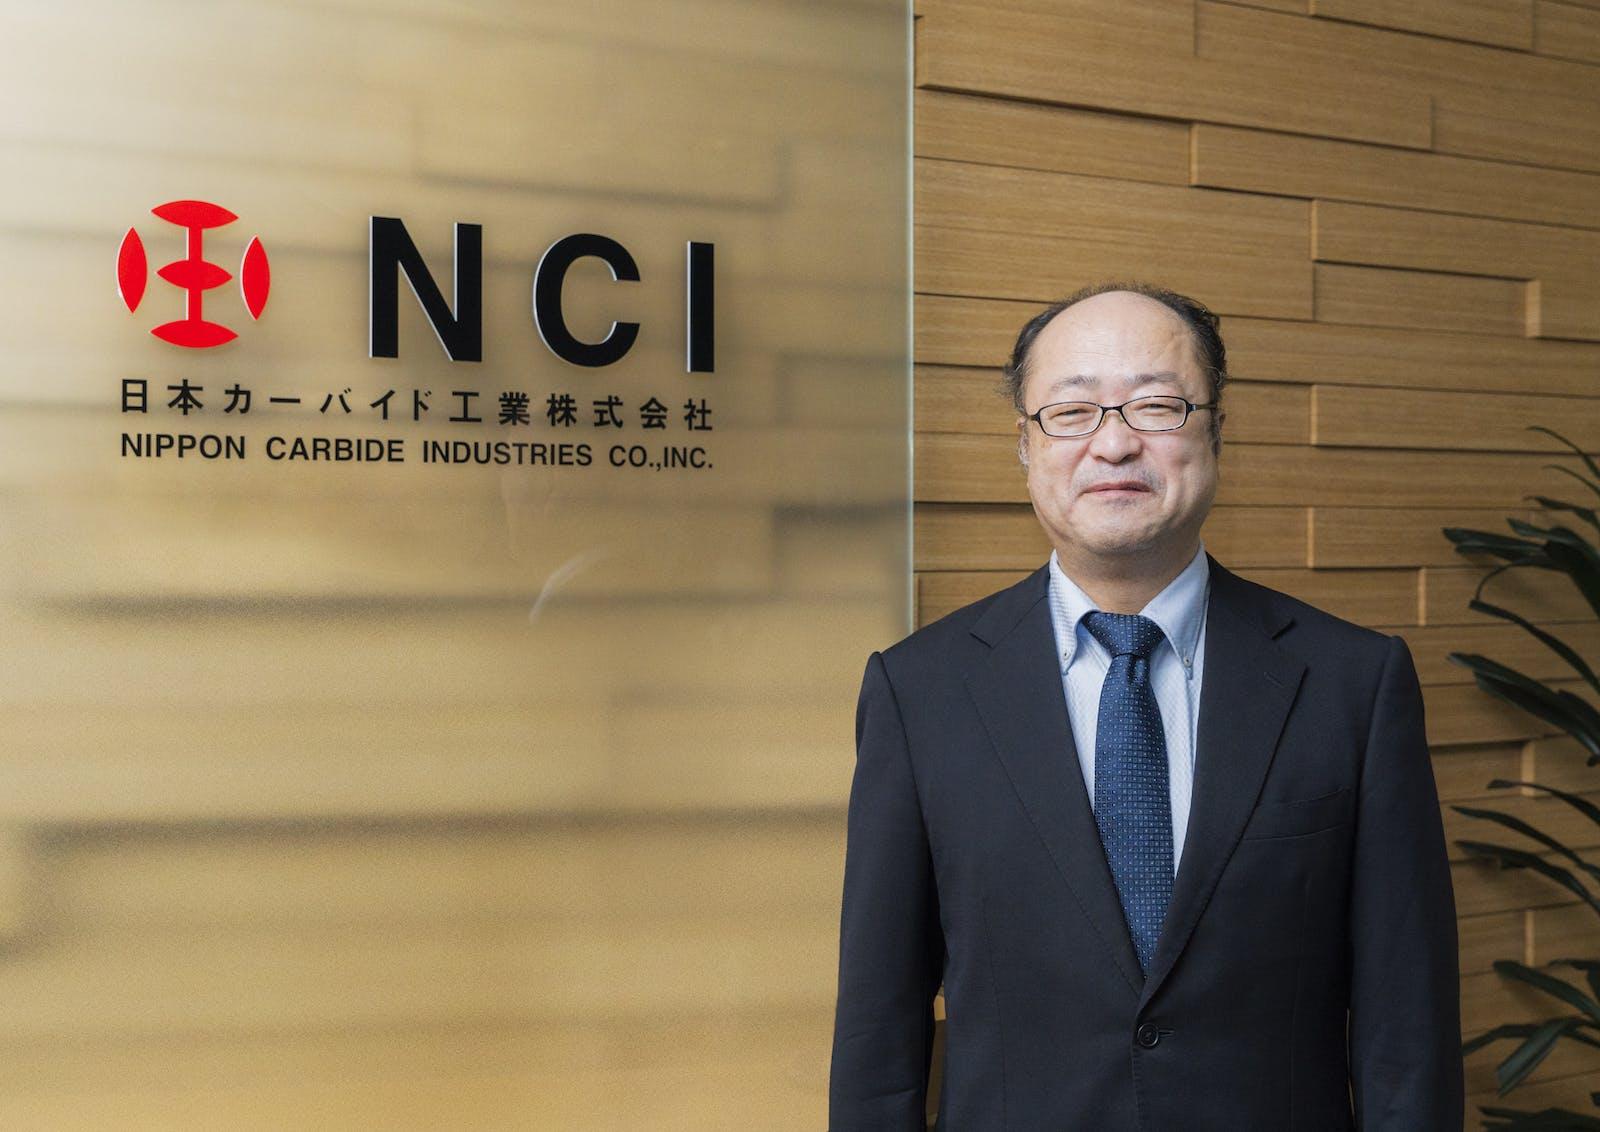 日本カーバイド工業株式会社のアイキャッチ画像